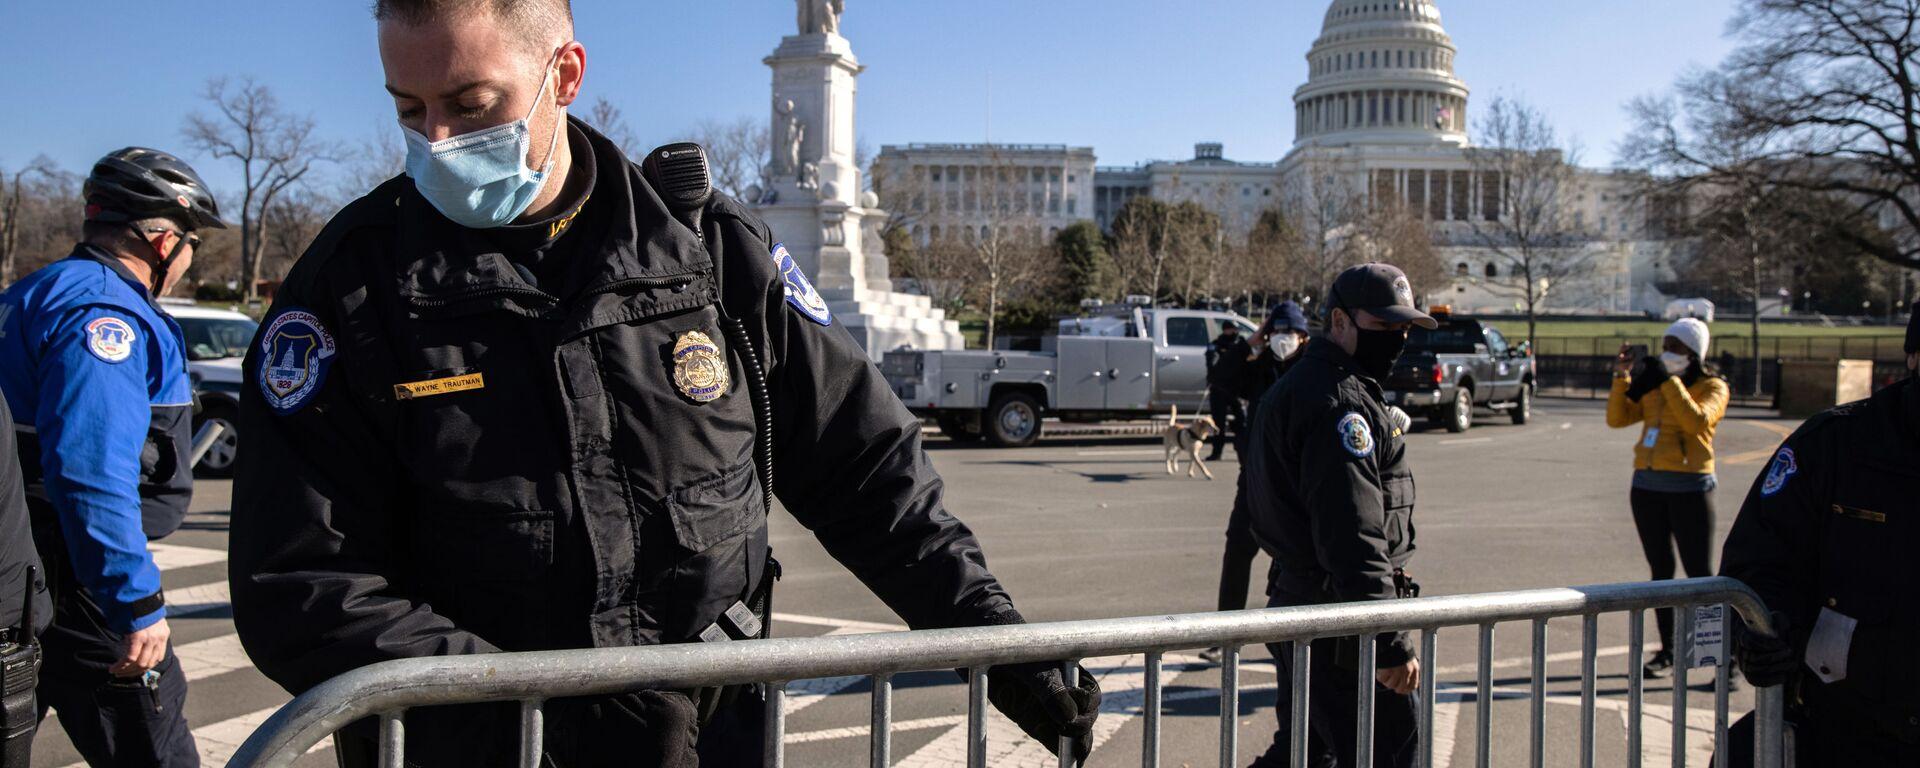 Miembro de la Policía del Capitolio de EEUU - Sputnik Mundo, 1920, 06.05.2021